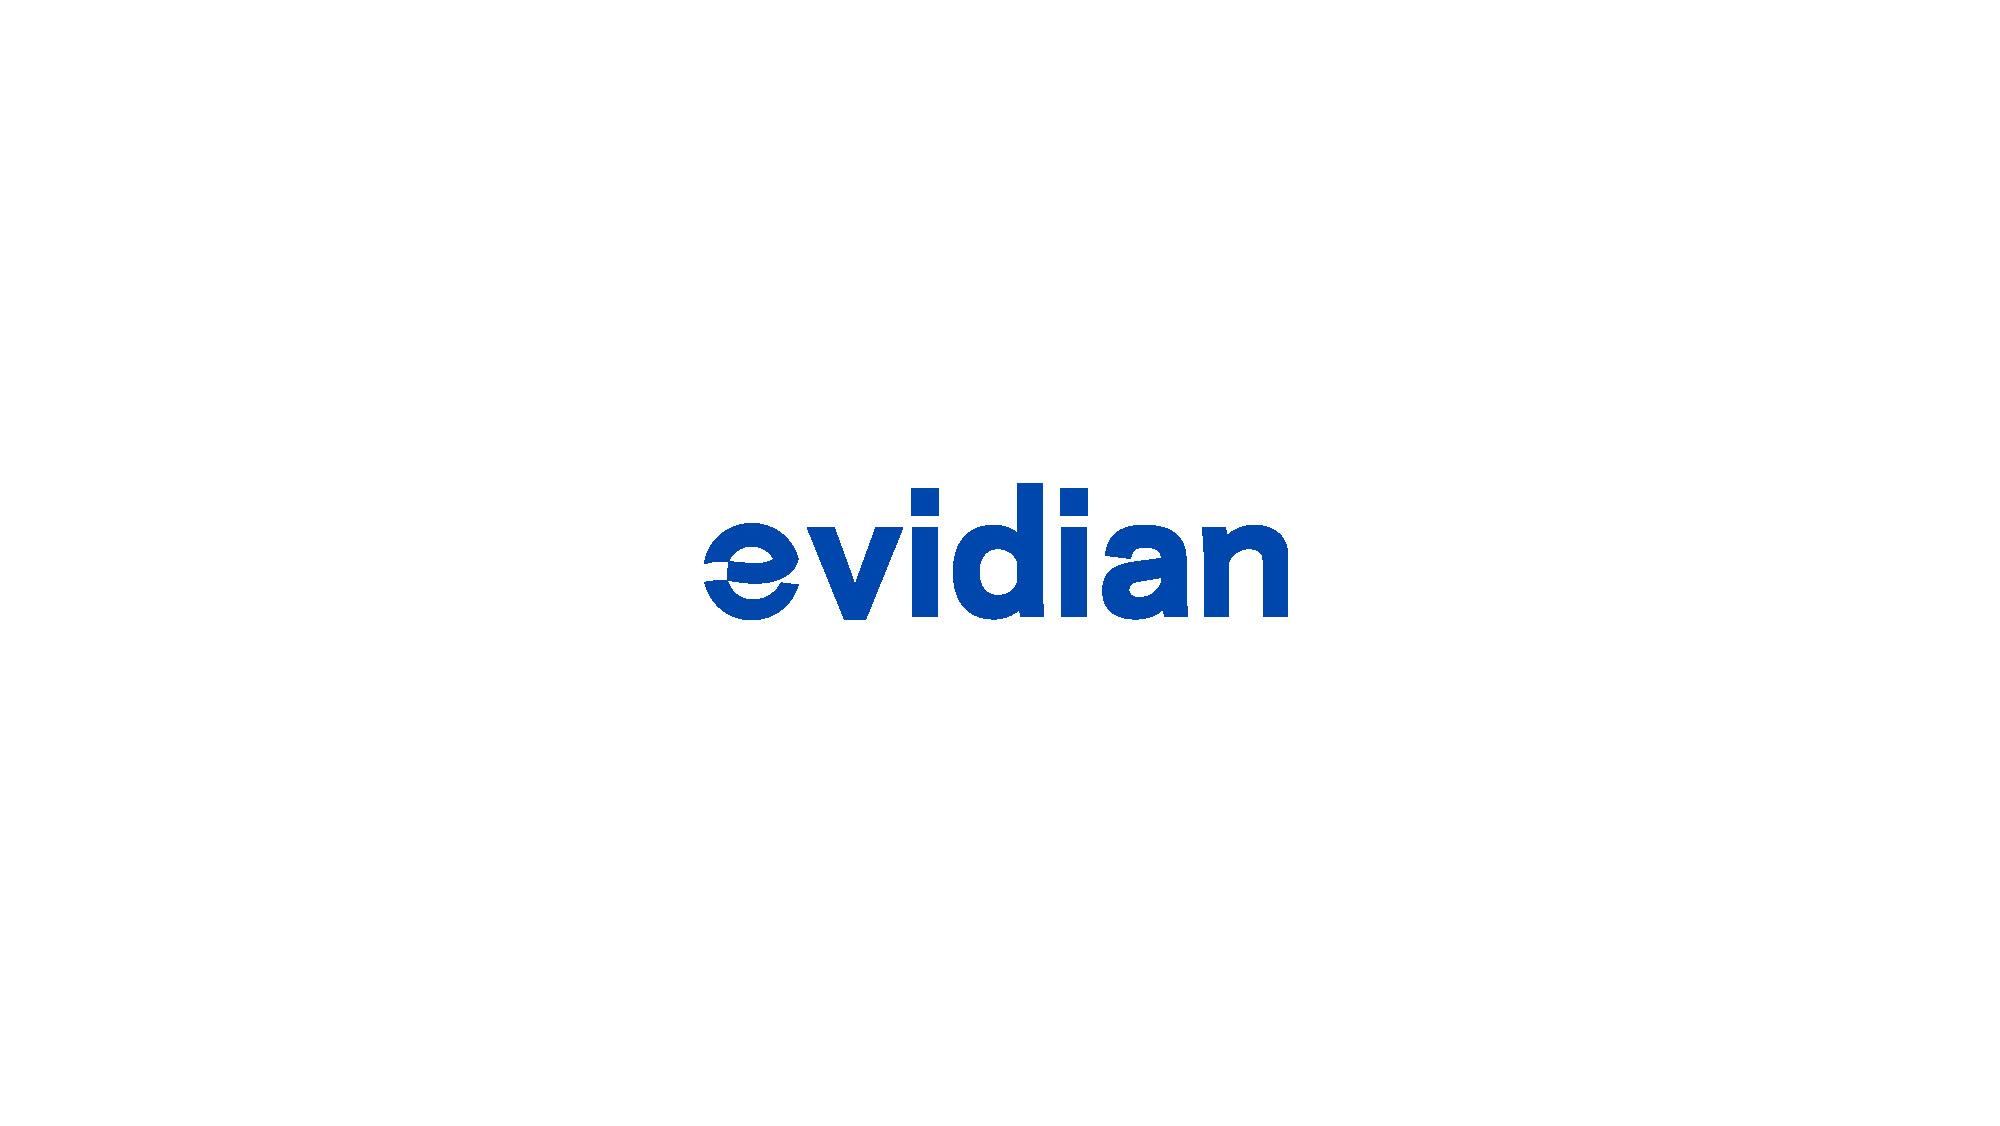 Evidian_V0_Page_1